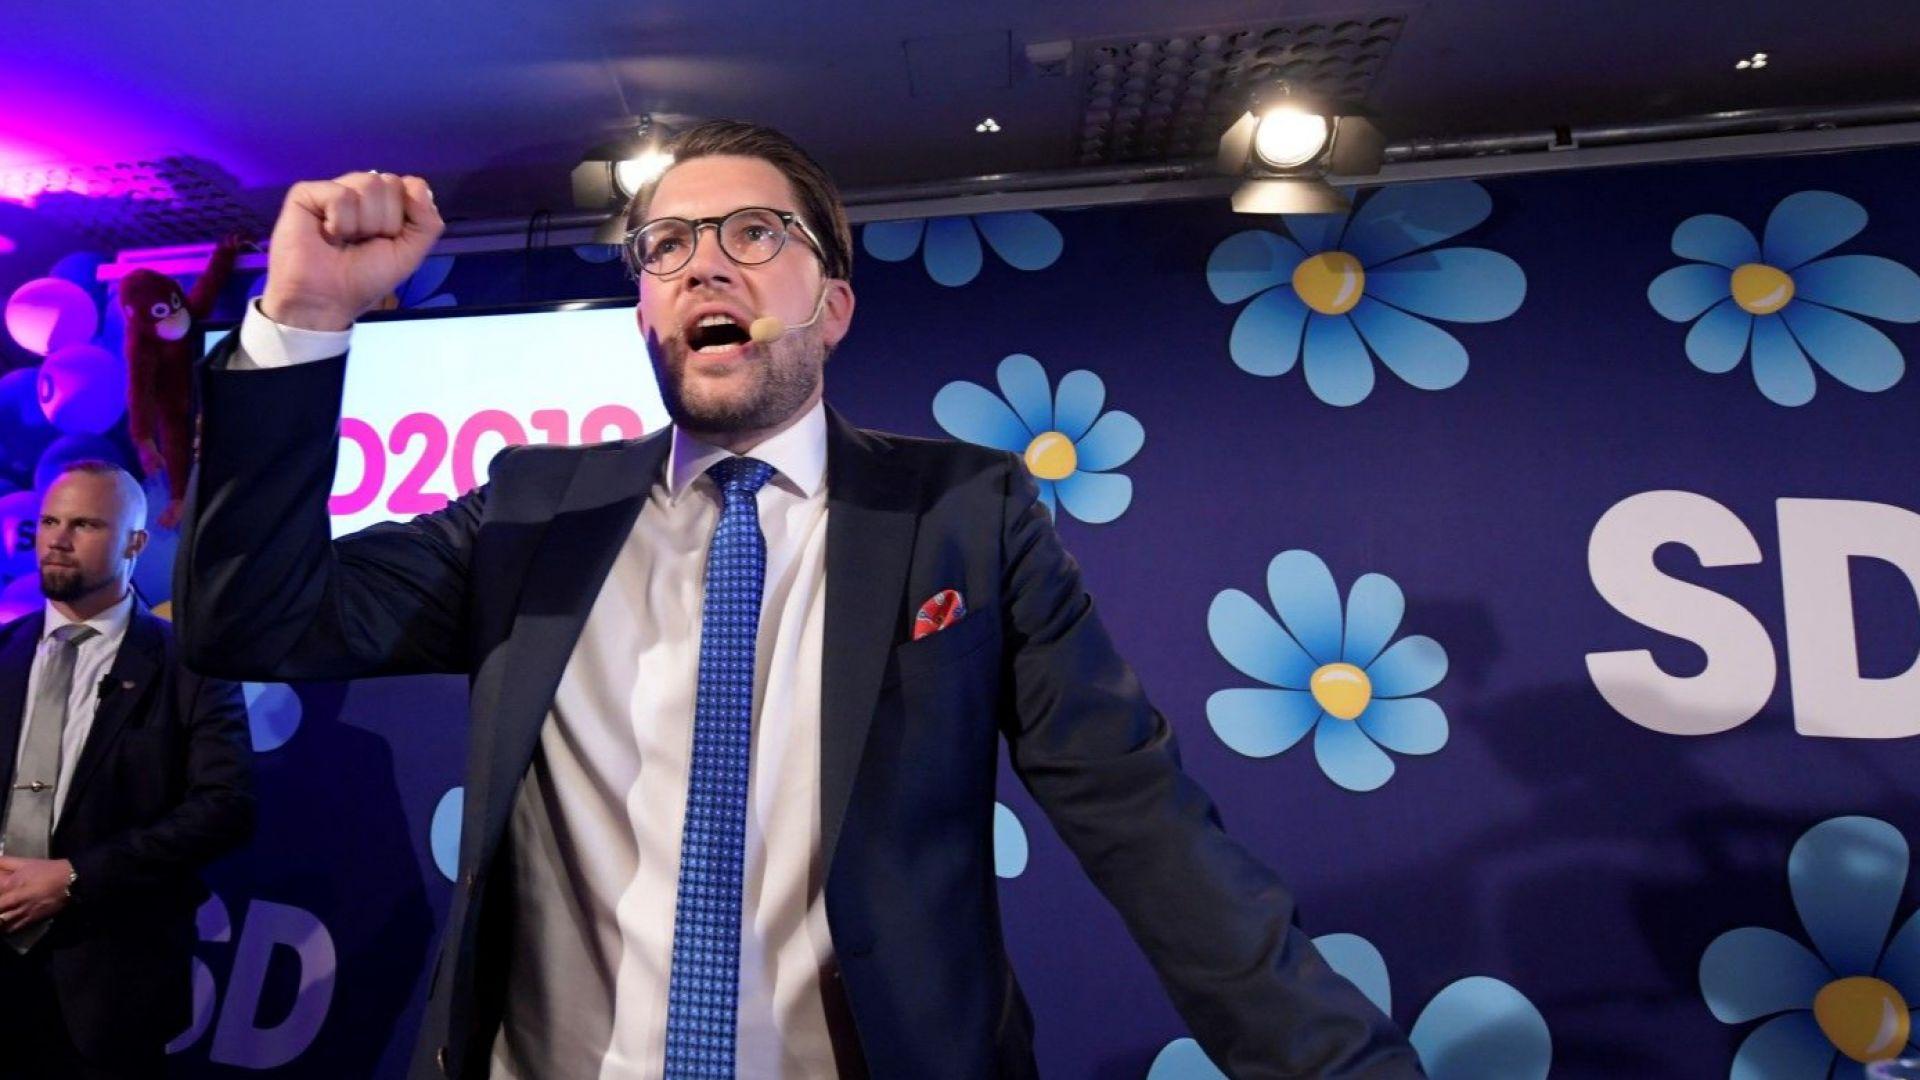 Възход на крайната десница в Швеция: докъде ще стигне влиянието й?